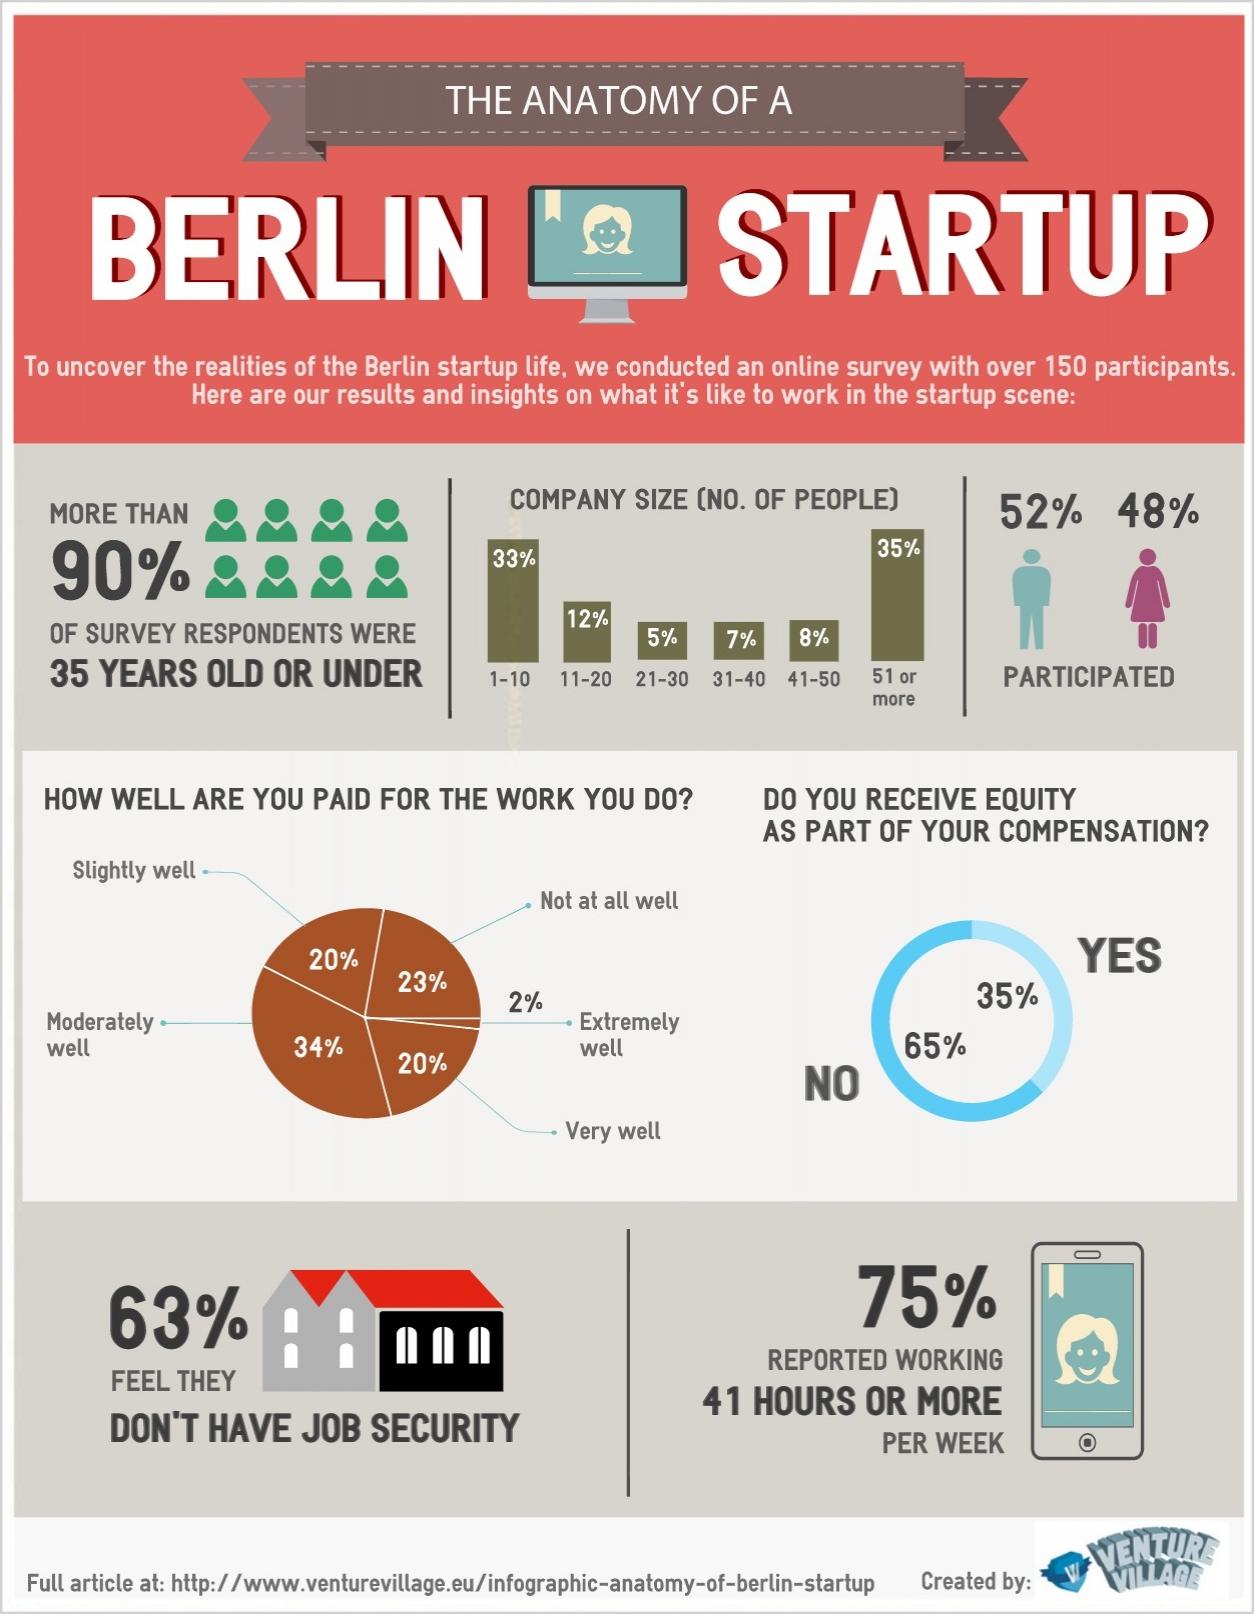 독일 베를린 스타트업 현장의 현실을 해석해 놓은 인포그래픽1)